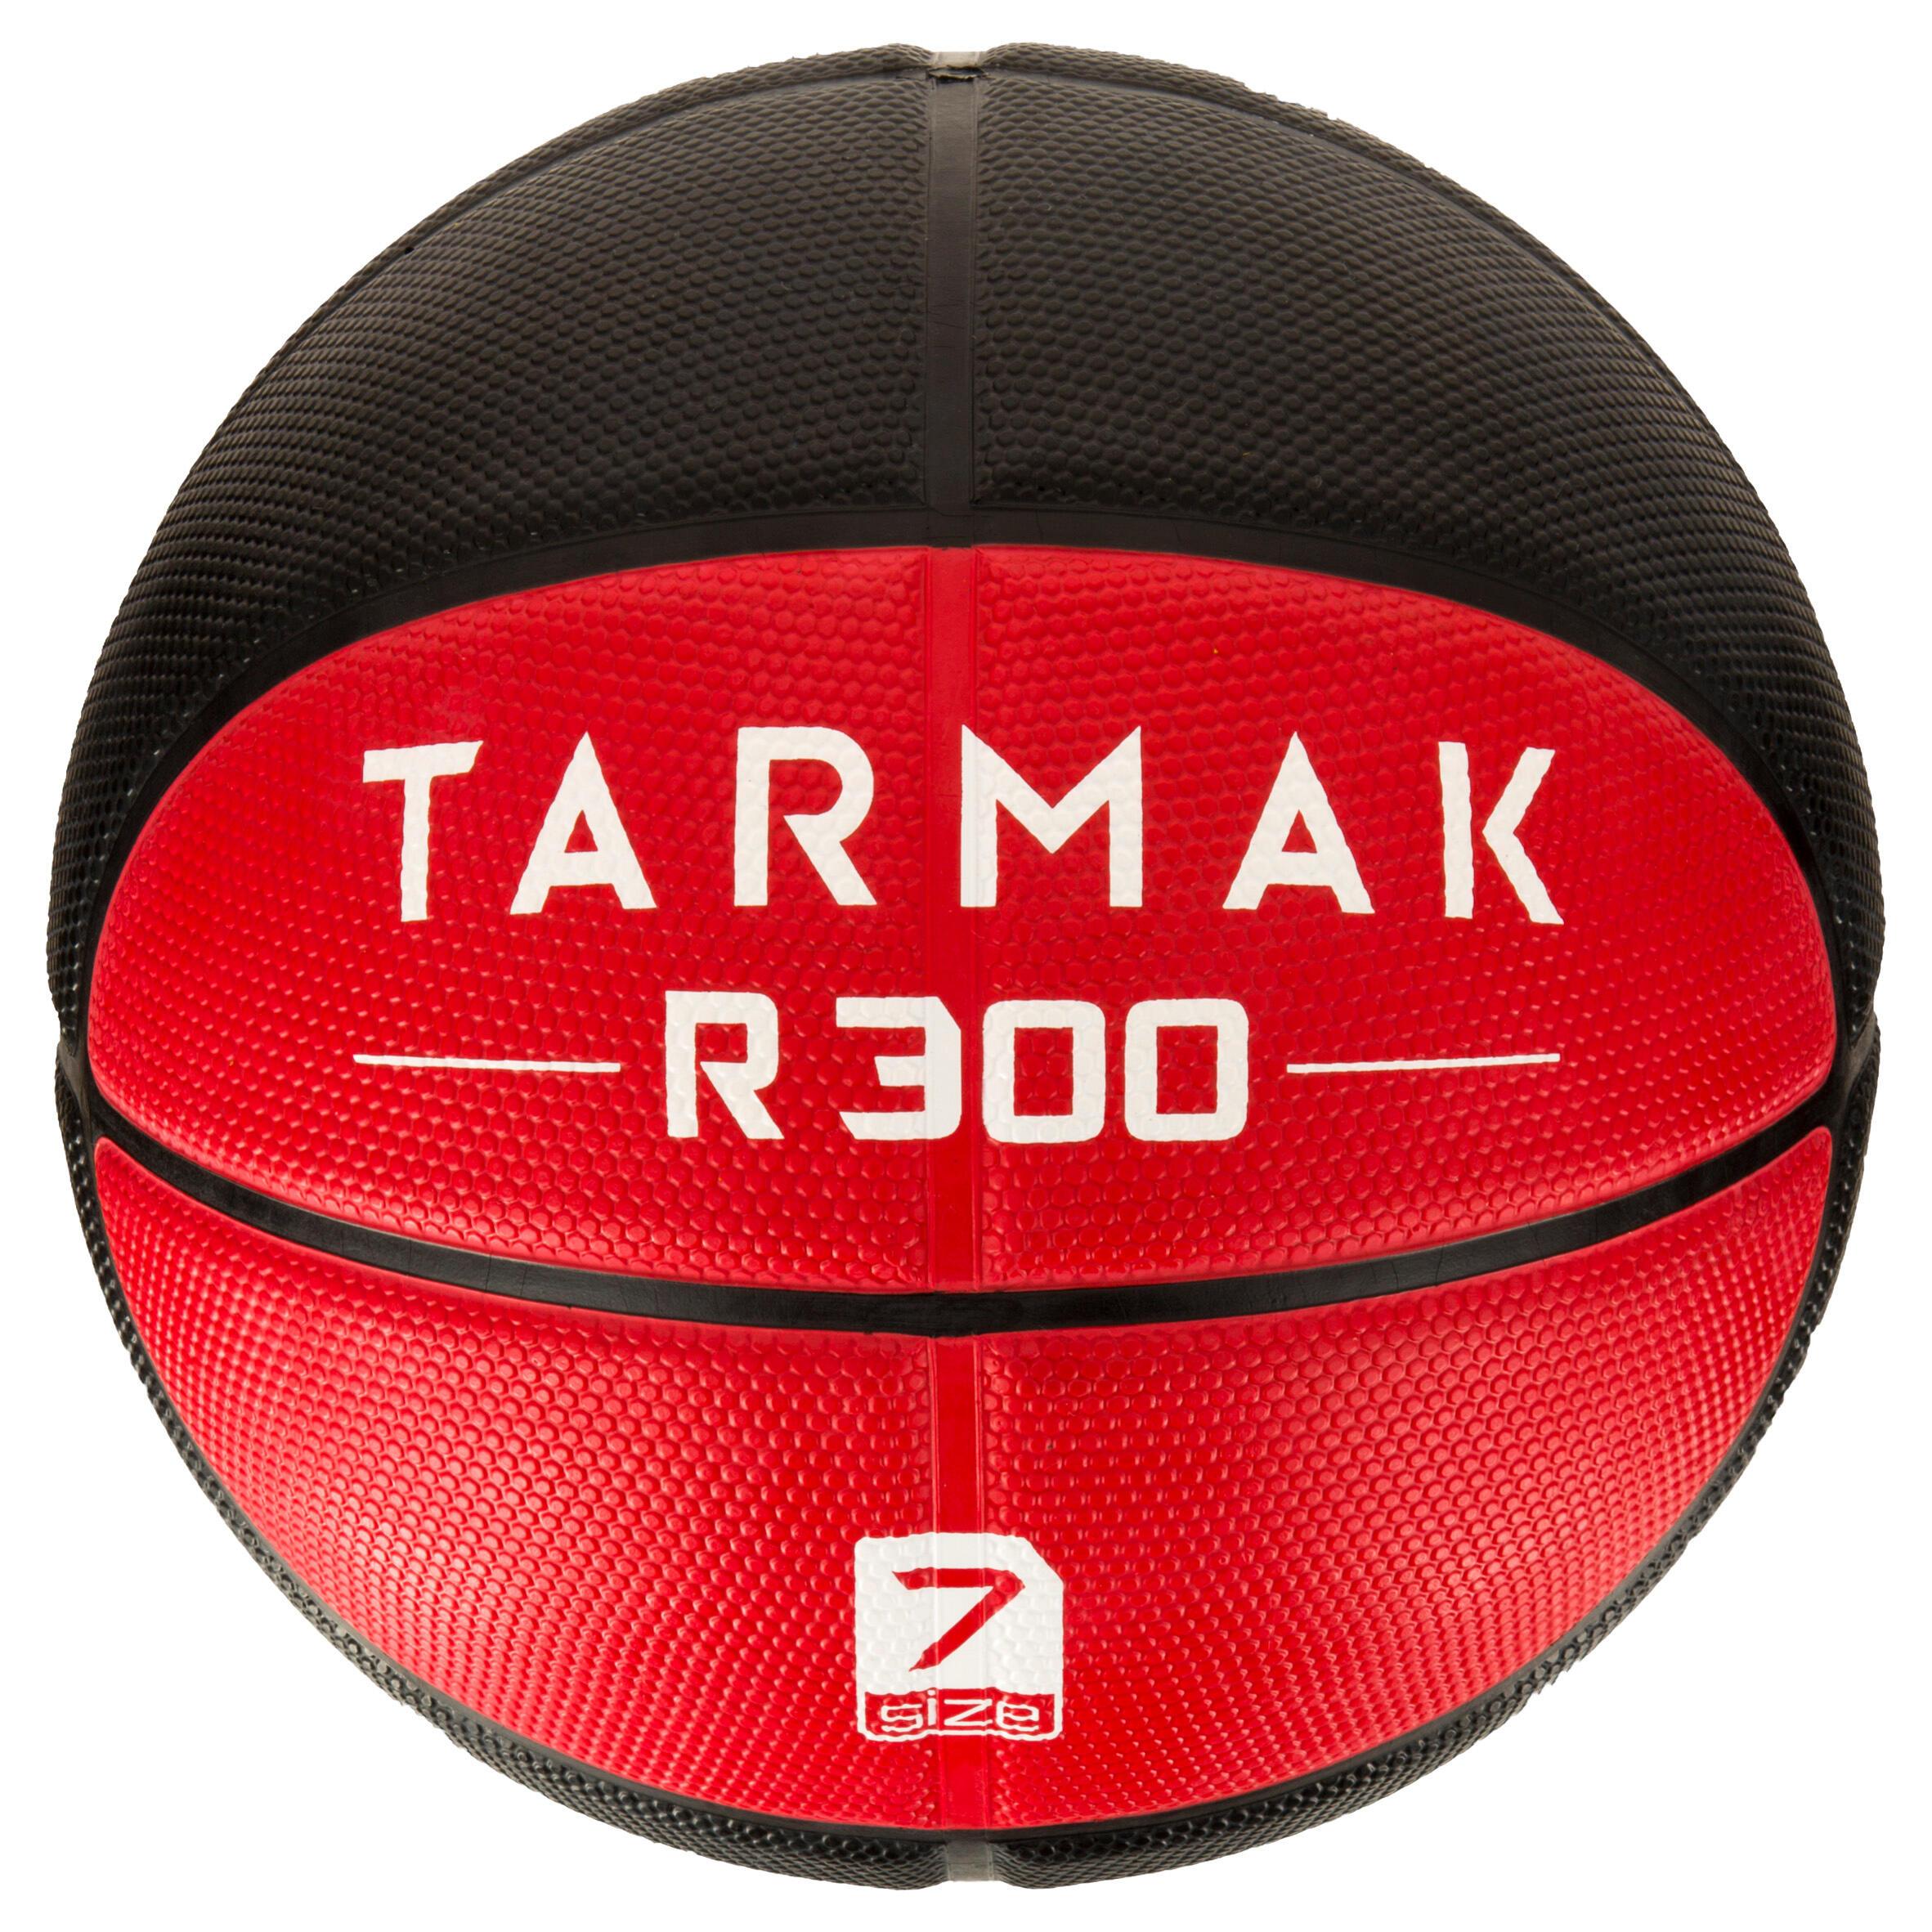 Tarmak Basketbal heren R300 maat 7 rood-zwart. Slijtvast. Vanaf 12 jaar.